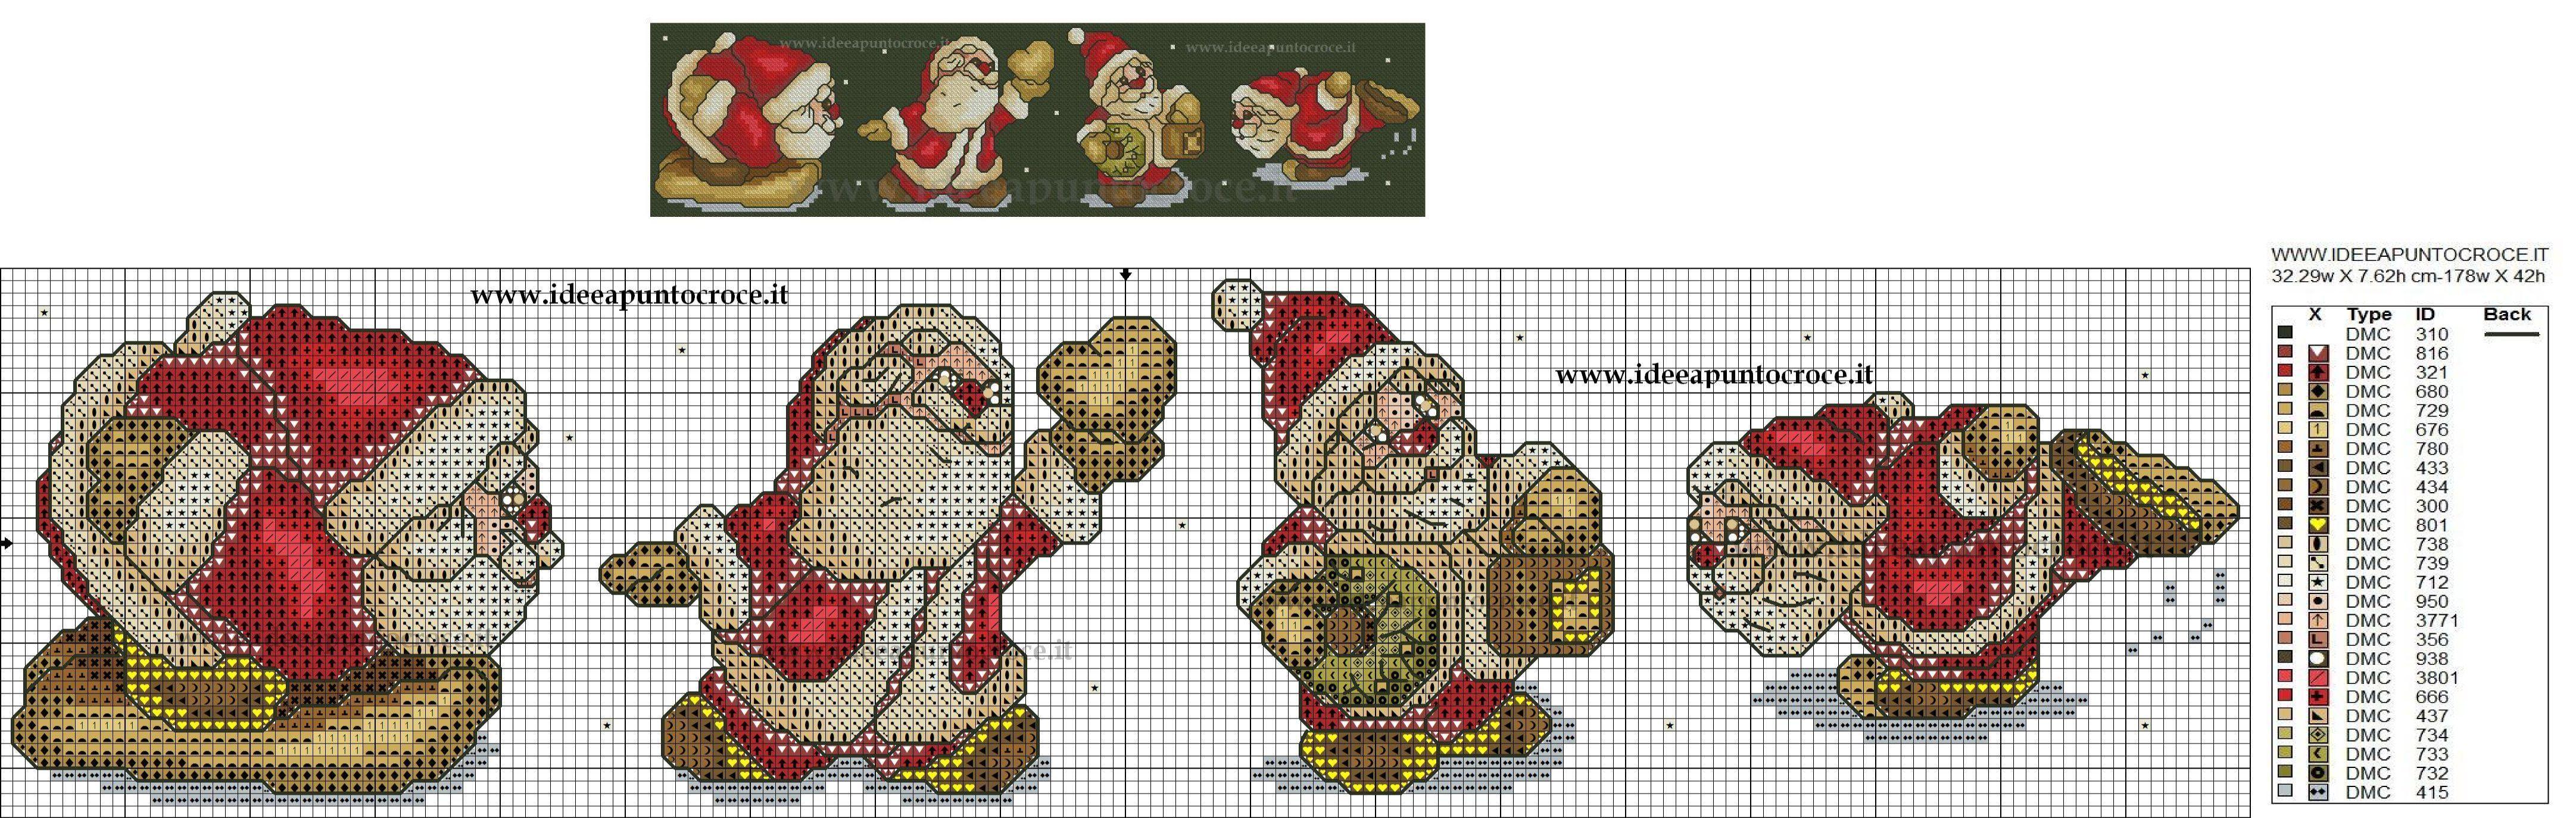 Babbo Natale Punto Croce Schemi Gratis.Schemi Punto Croce Babbo Natale Gg05 Regardsdefemmes